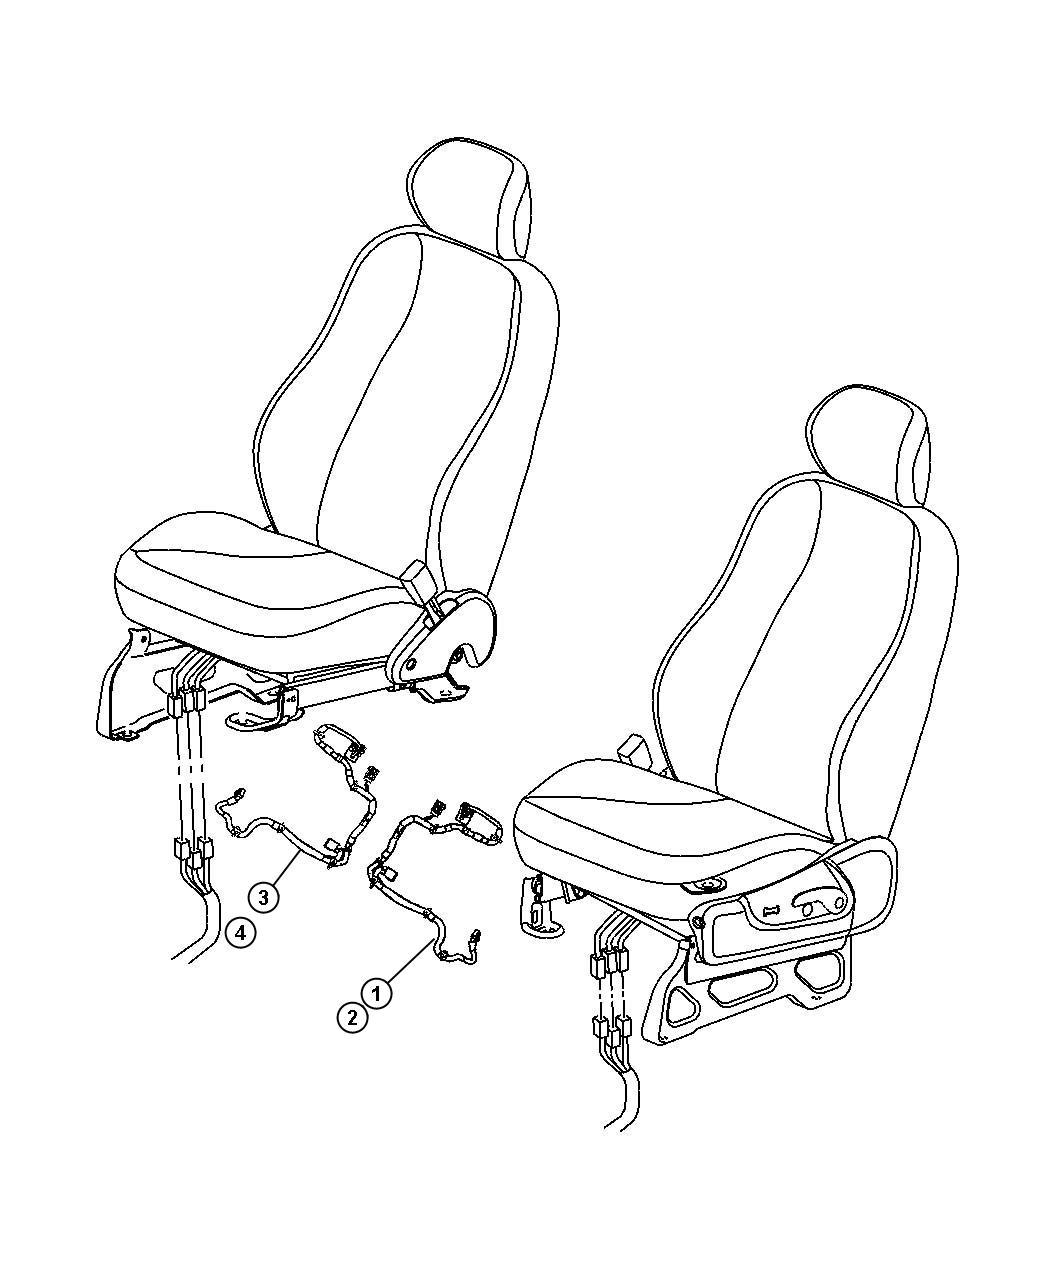 05143005AA  Mopar    Wiring    Left Power    seat     cf5  jpt  jpm   power      heated     power and   Mopar